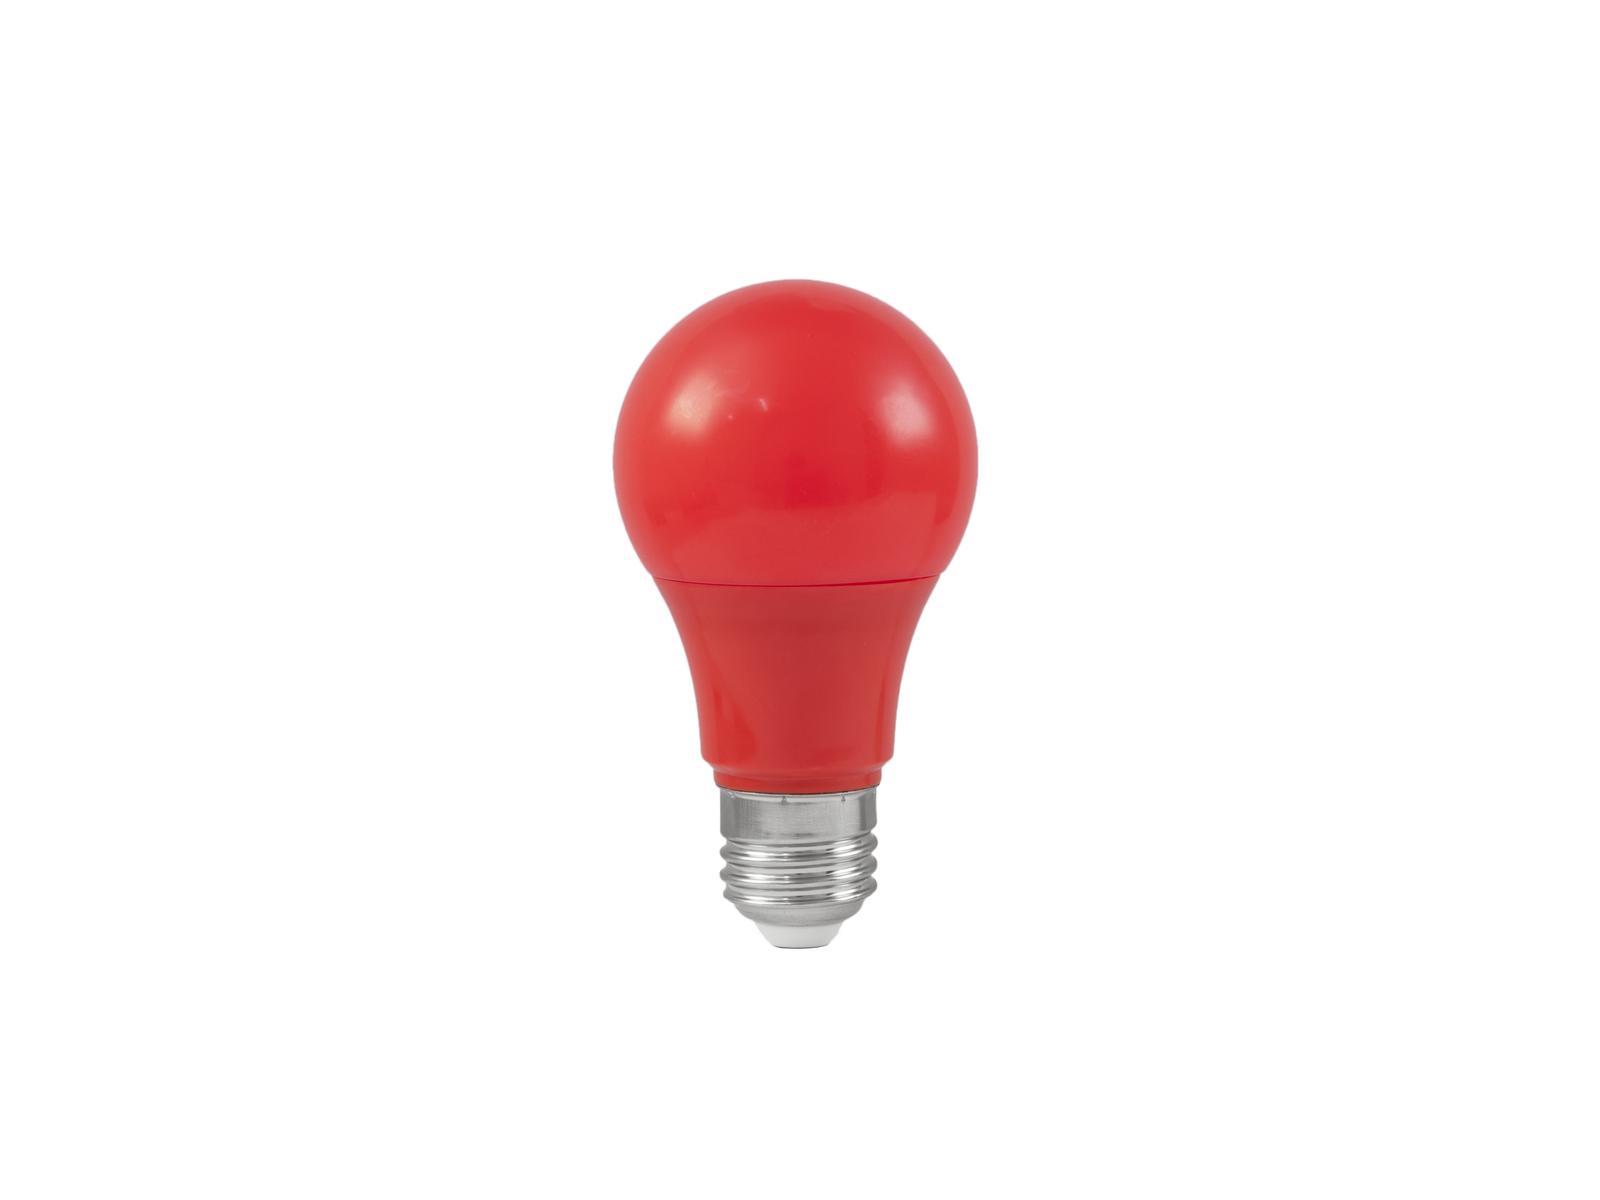 Lampada a led rossa A60 230V 3W E-27 3200K OMNILUX